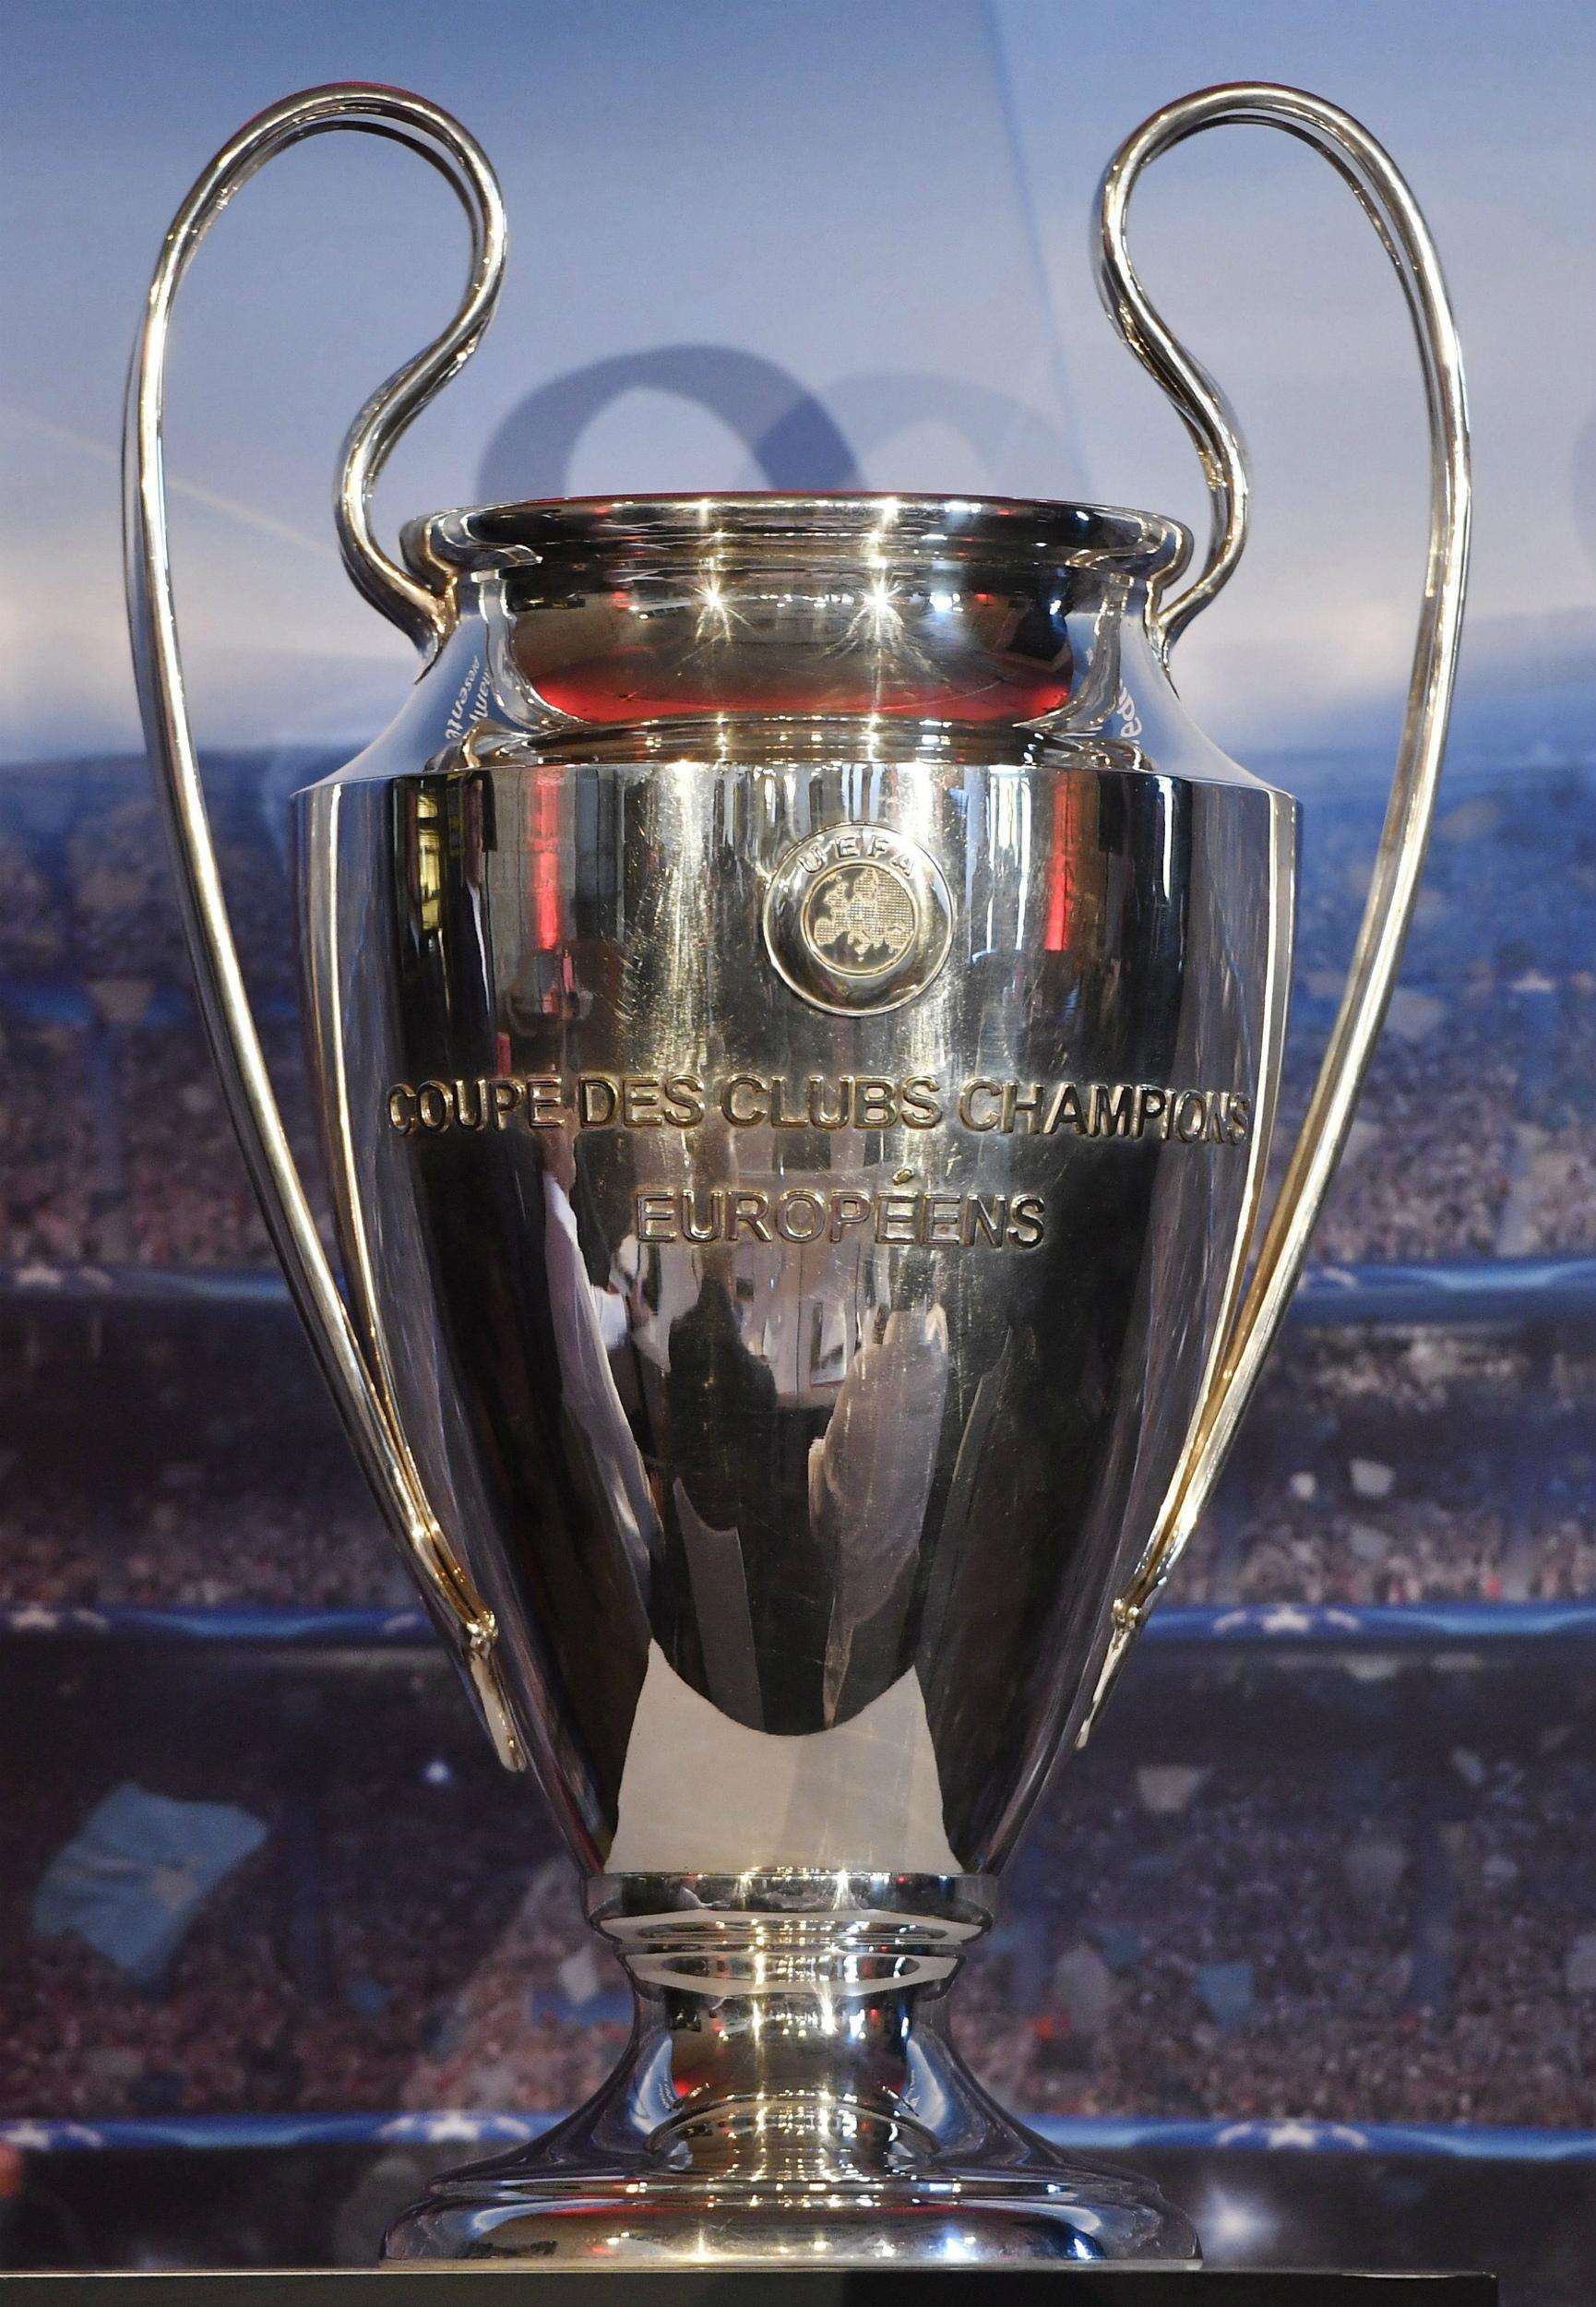 Vista del trofeo de la Liga de Campeones UEFA 2016/2017 durante su presentación en Budapest (Hungría) el pasado 28 de octubre de 2016. Desde 1992, ningún equipo ha repetido título. EFE/Tibor Illyes